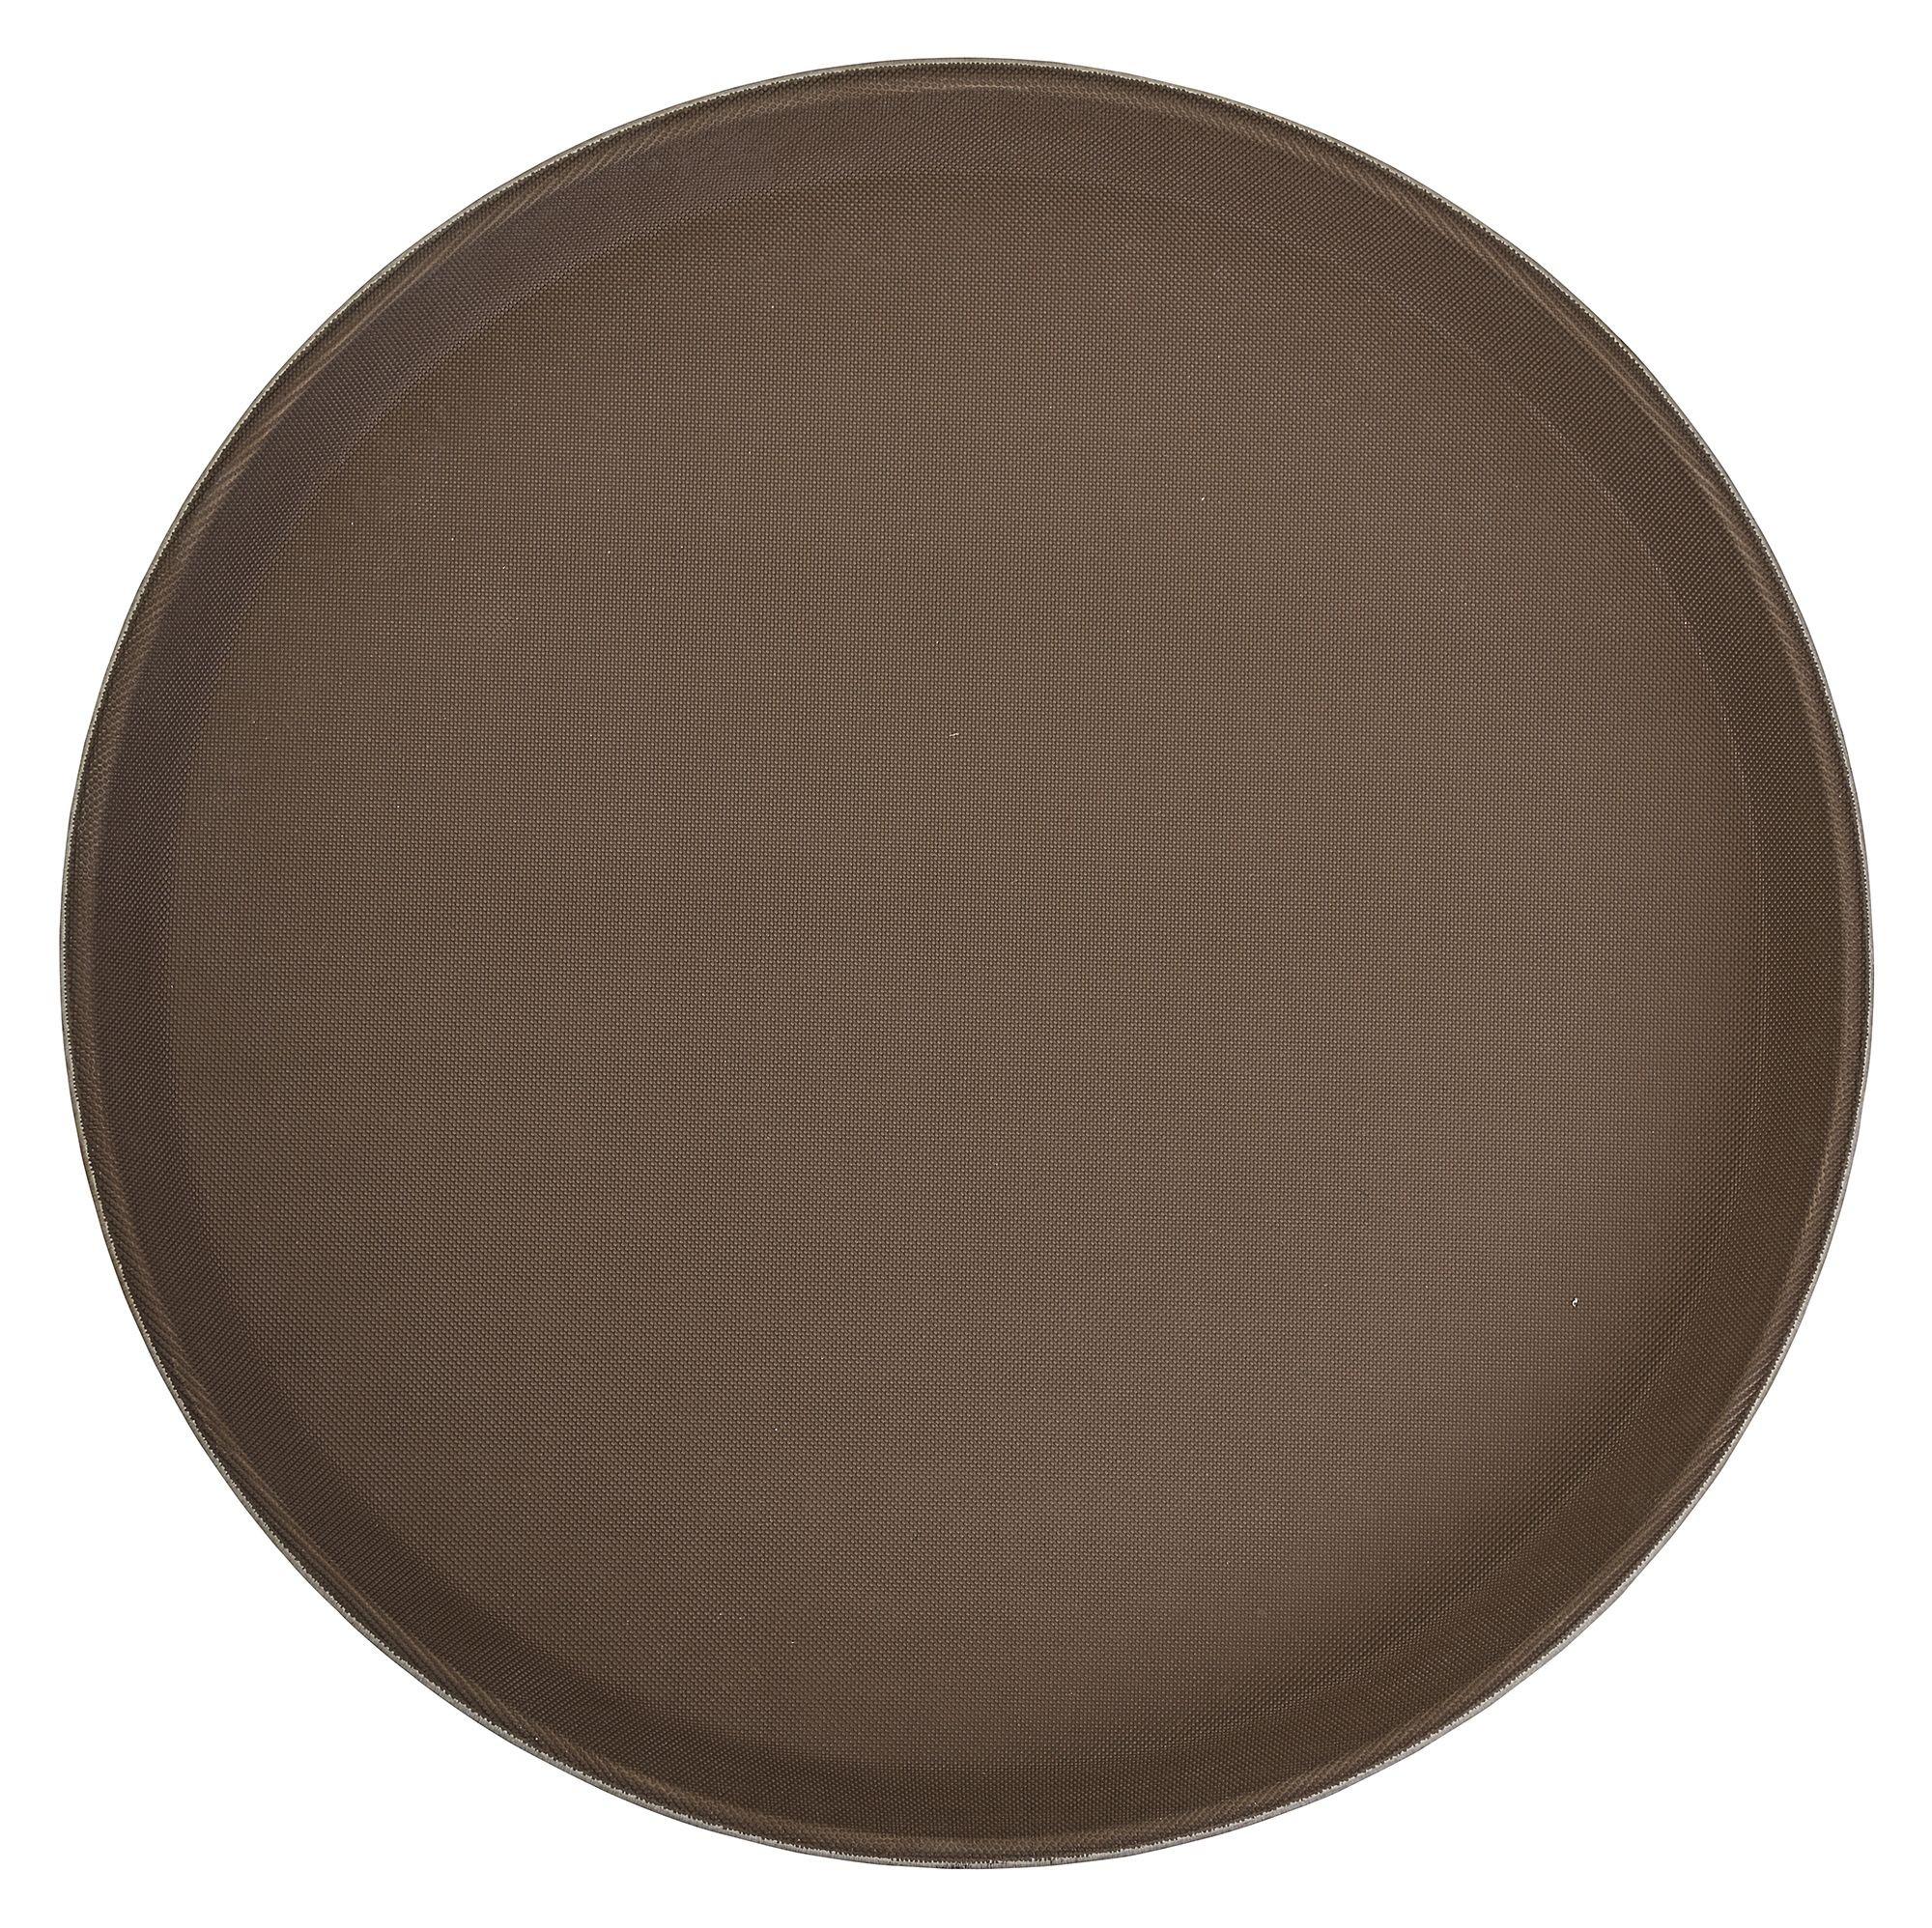 Non-Slip Fiberglass Tray, Brown, 11'' Round